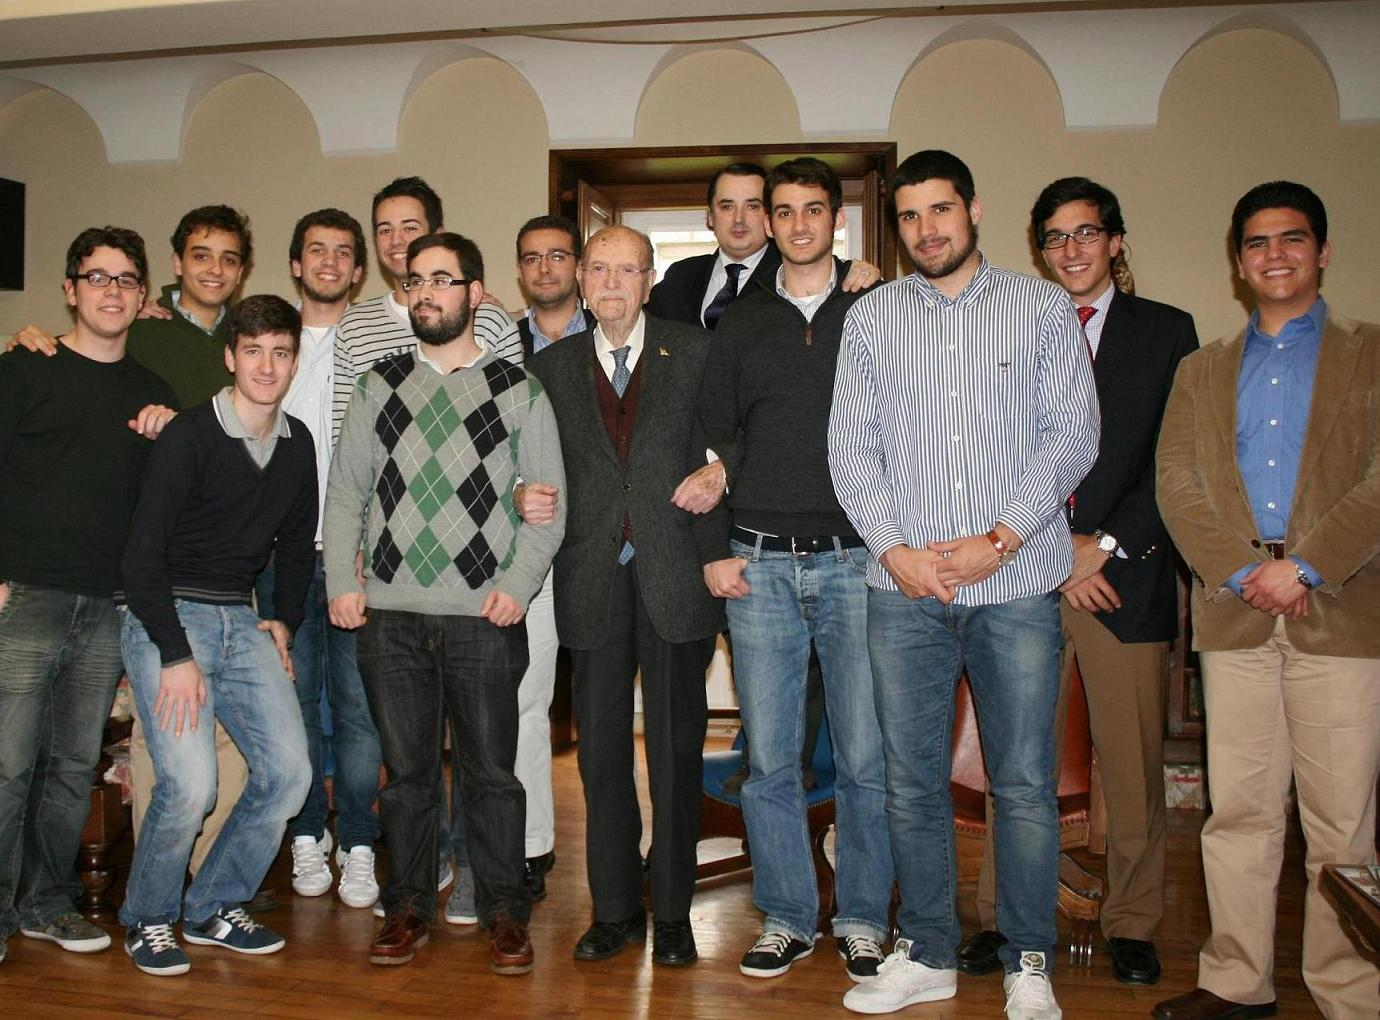 El Ex–Presidente de la Xunta D. Gerardo Fernández Albor participa en un encuentro con universitarios en el Colegio Mayor Universitario La Estila